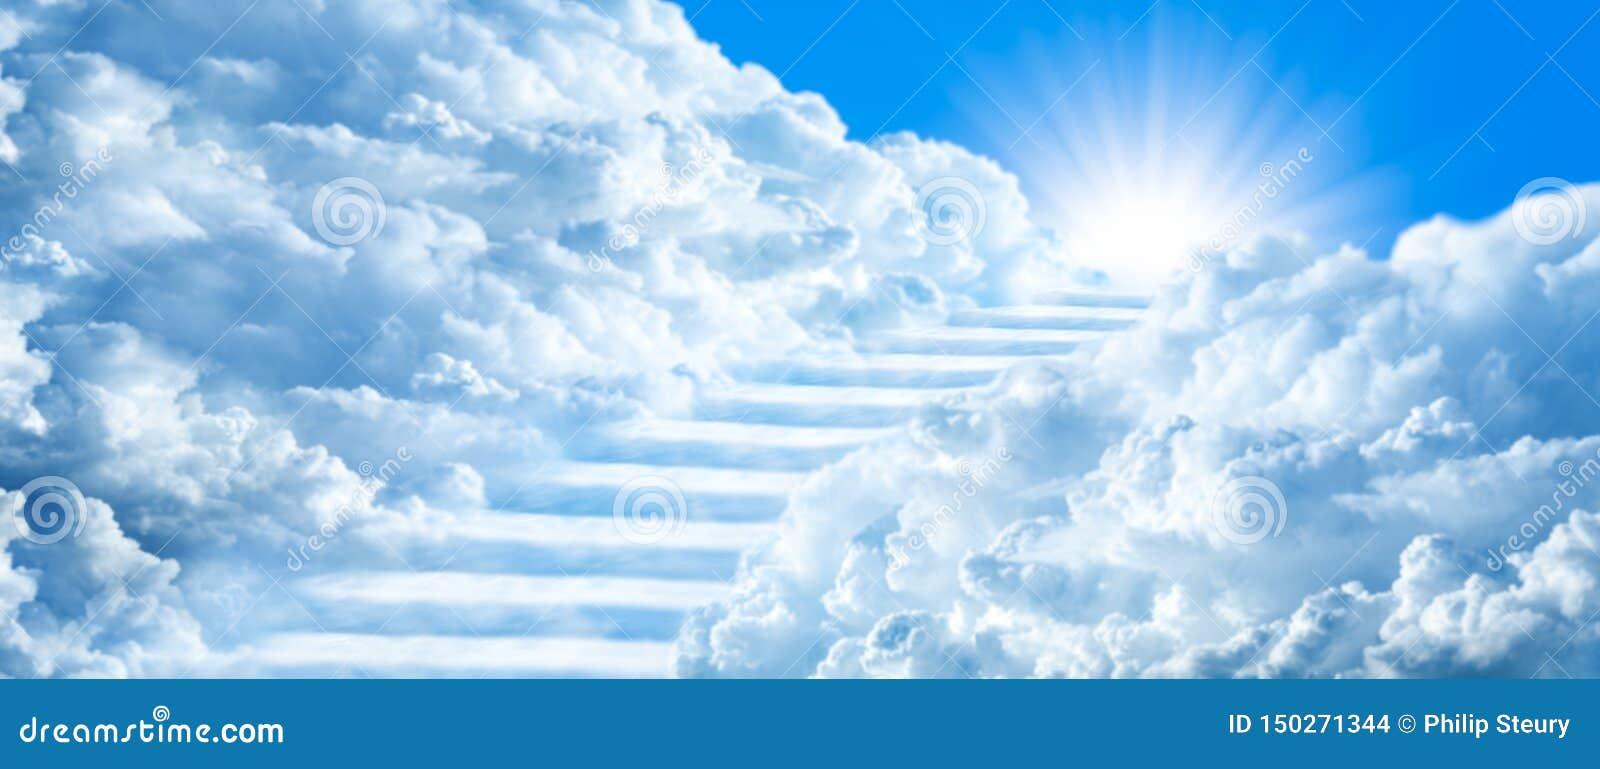 弯曲通过云彩的楼梯